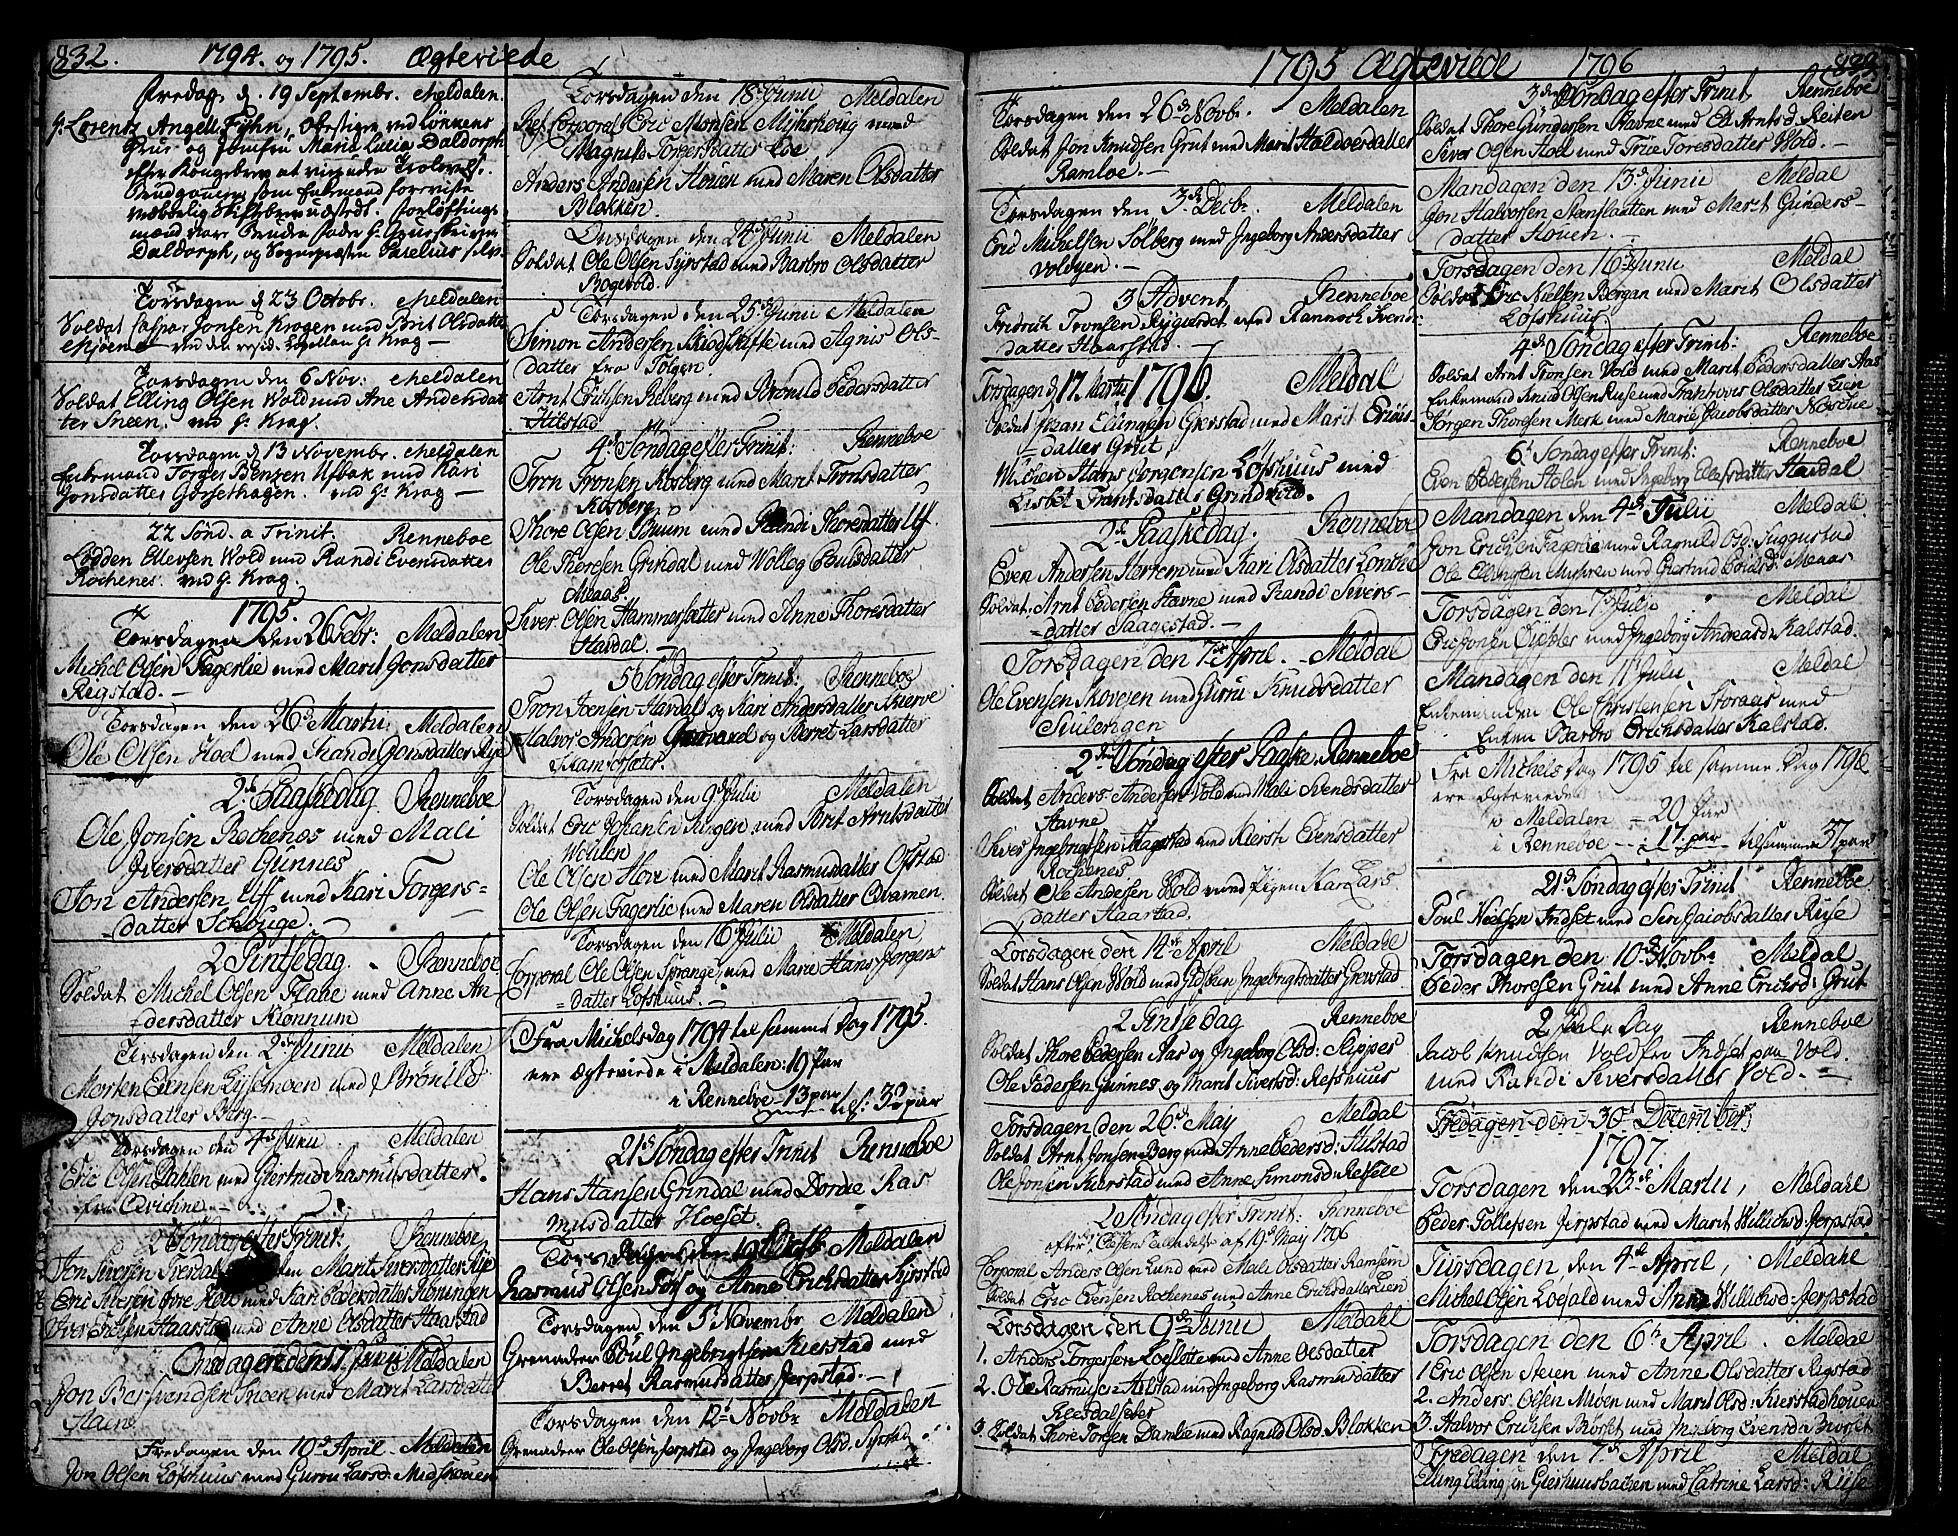 SAT, Ministerialprotokoller, klokkerbøker og fødselsregistre - Sør-Trøndelag, 672/L0852: Ministerialbok nr. 672A05, 1776-1815, s. 832-833